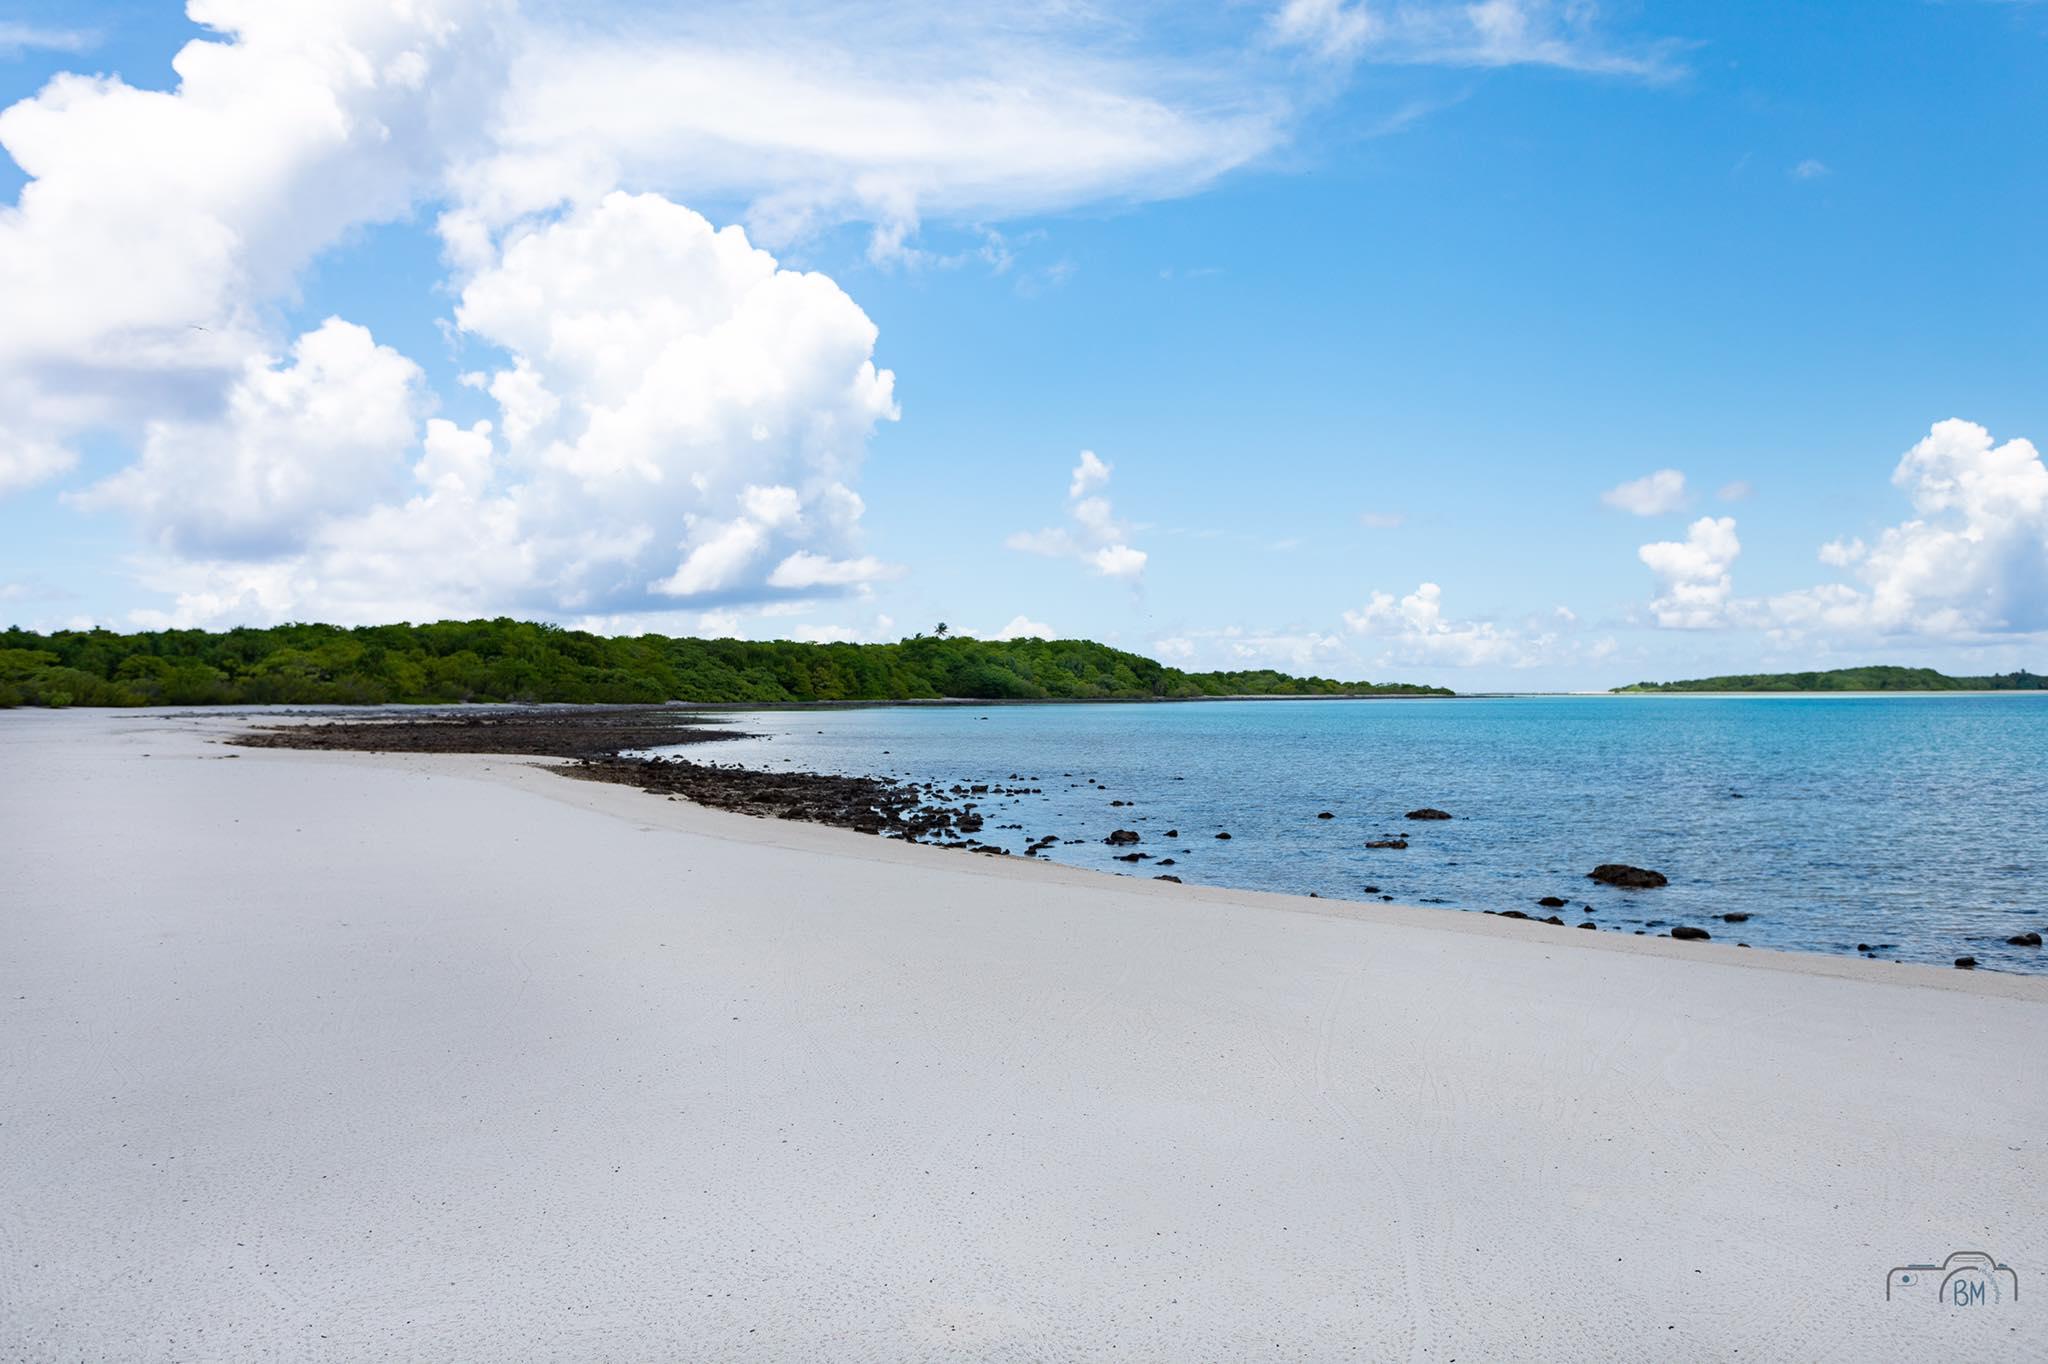 L'atoll de Anuanuranga (Crédit : BM Photographies)